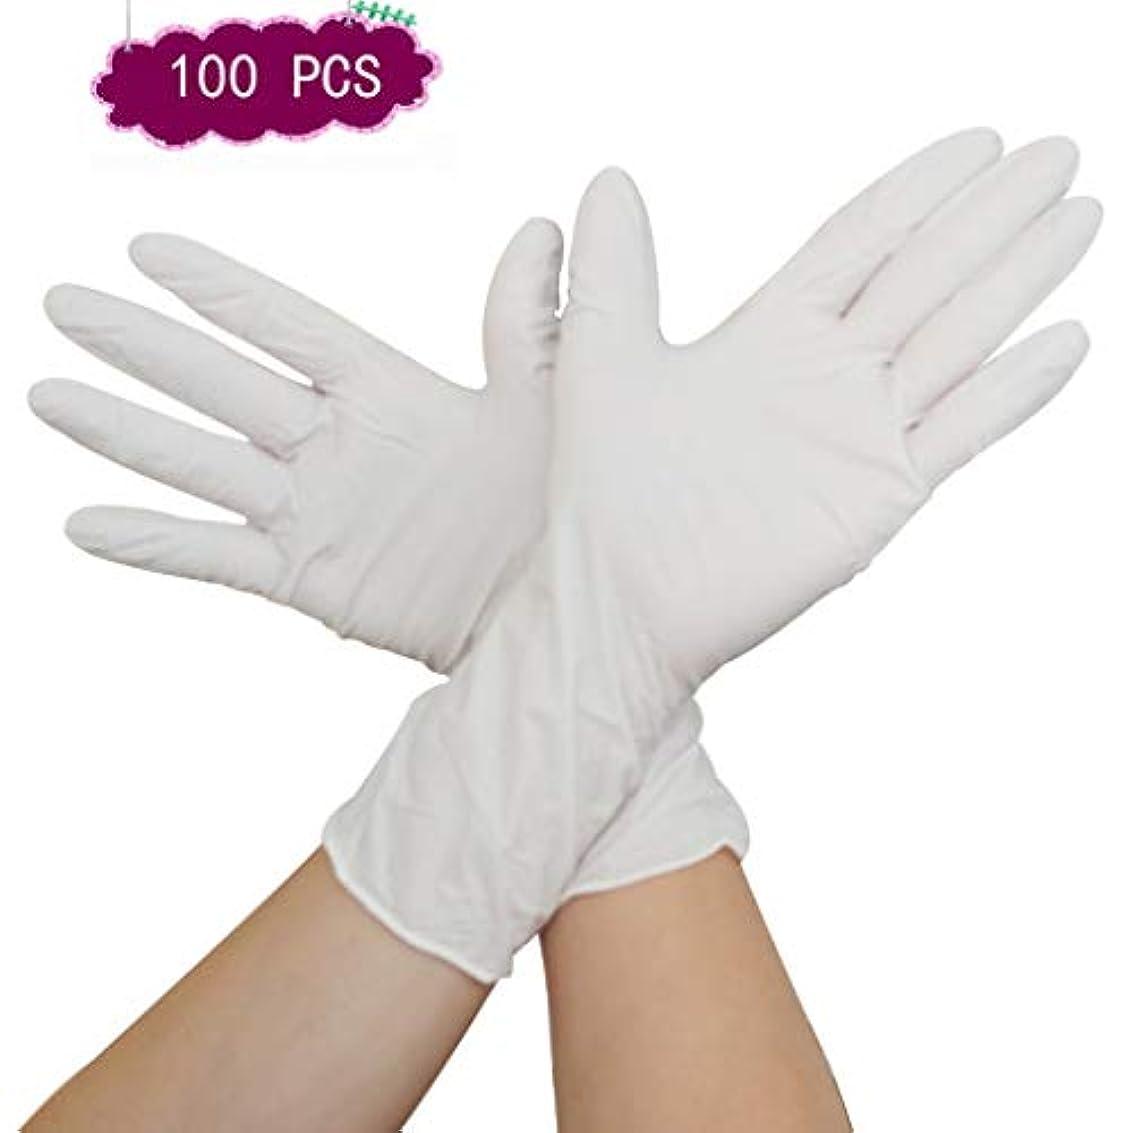 ピストン俳句ディスパッチ使い捨てラテックス手袋ニトリル食品ラテックス手袋12インチオイルと耐アルカリ性クリーンルーム用手袋厚み付けないパウダー (Size : M)